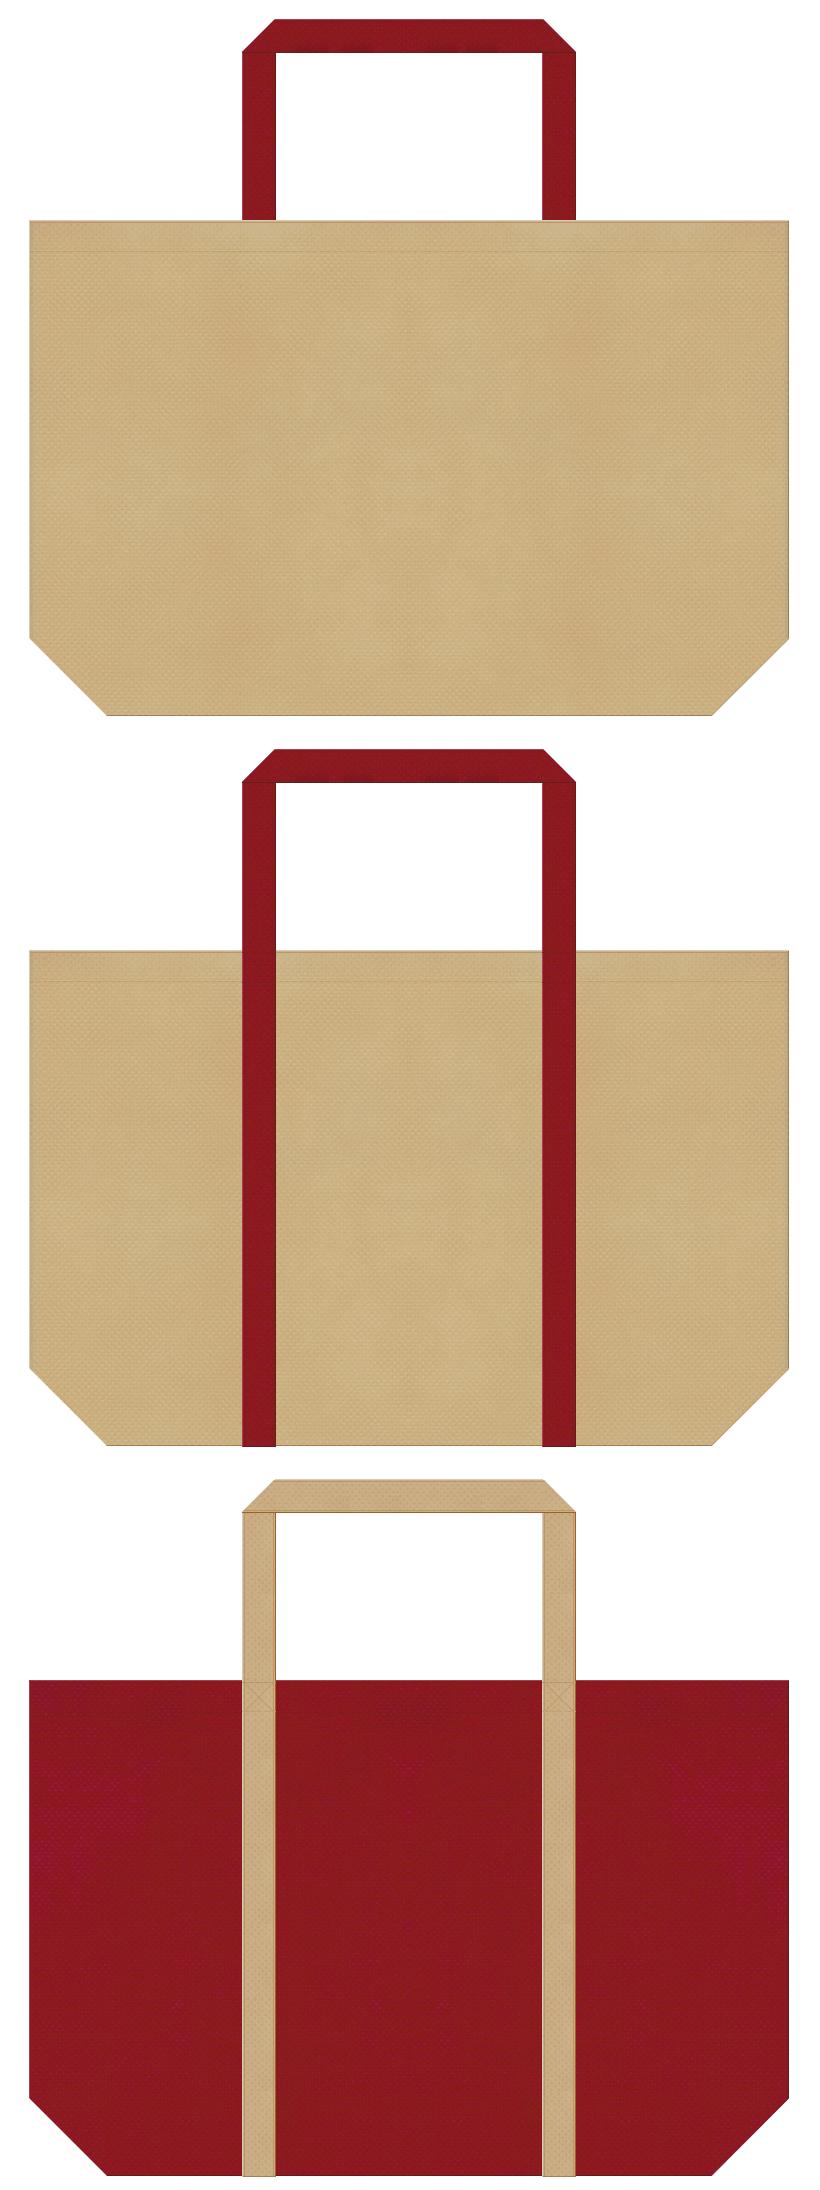 能・浄瑠璃・伝統芸・舞踊・邦楽演奏会・緞帳・舞台・演芸場・海老せんべい・観光土産・着物・帯・履物・和風商品のショッピングバッグにお奨めの不織布バッグデザイン:カーキ色とエンジ色のコーデ